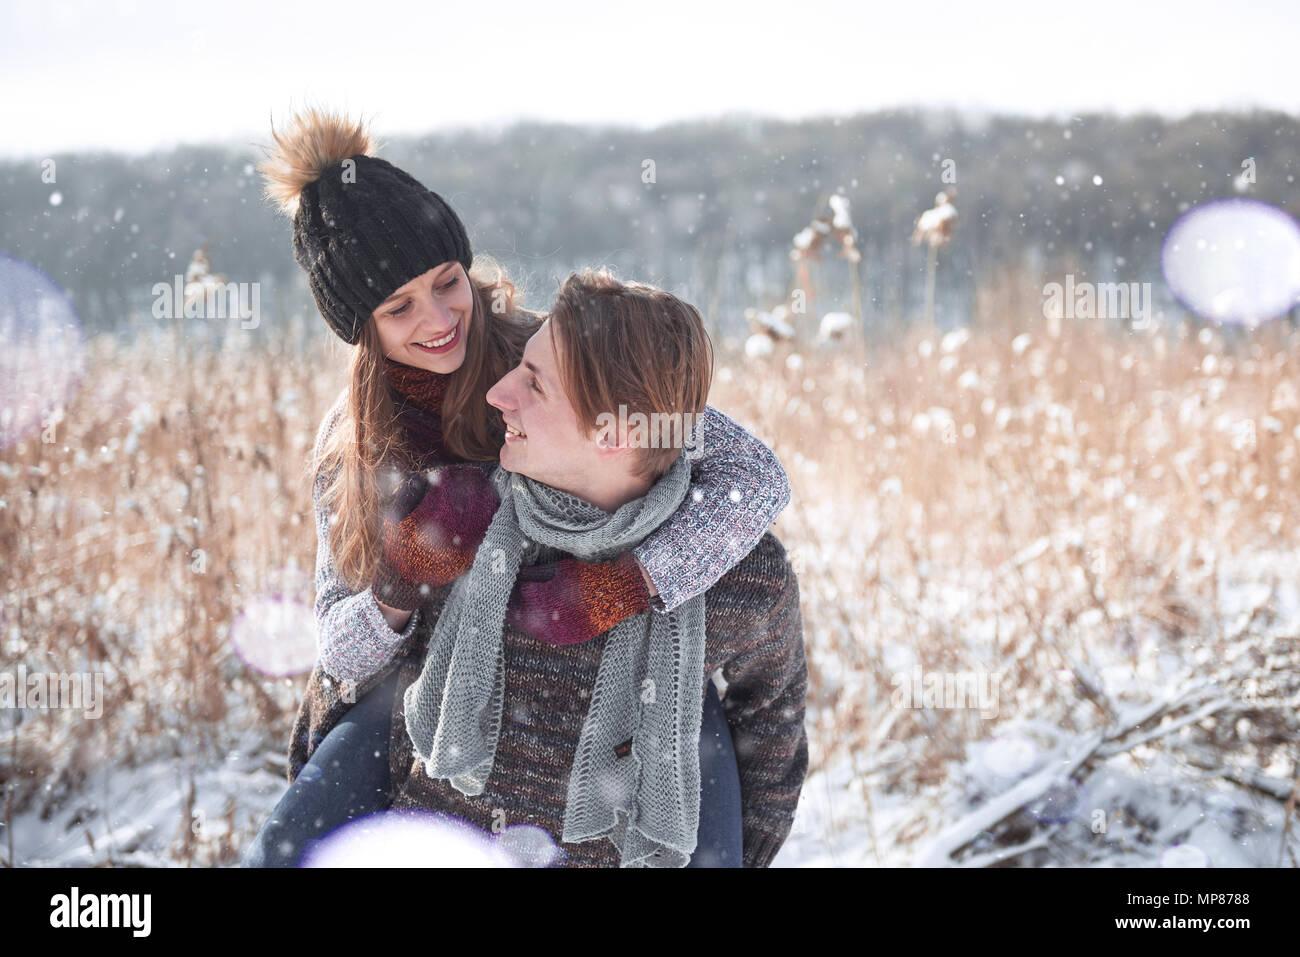 Heureux Noël couple in love embrasser en hiver neige forêt froide, l'espace de copie du nouvel an, fête, vacances et locations, voyages, l'amour et les relations Banque D'Images